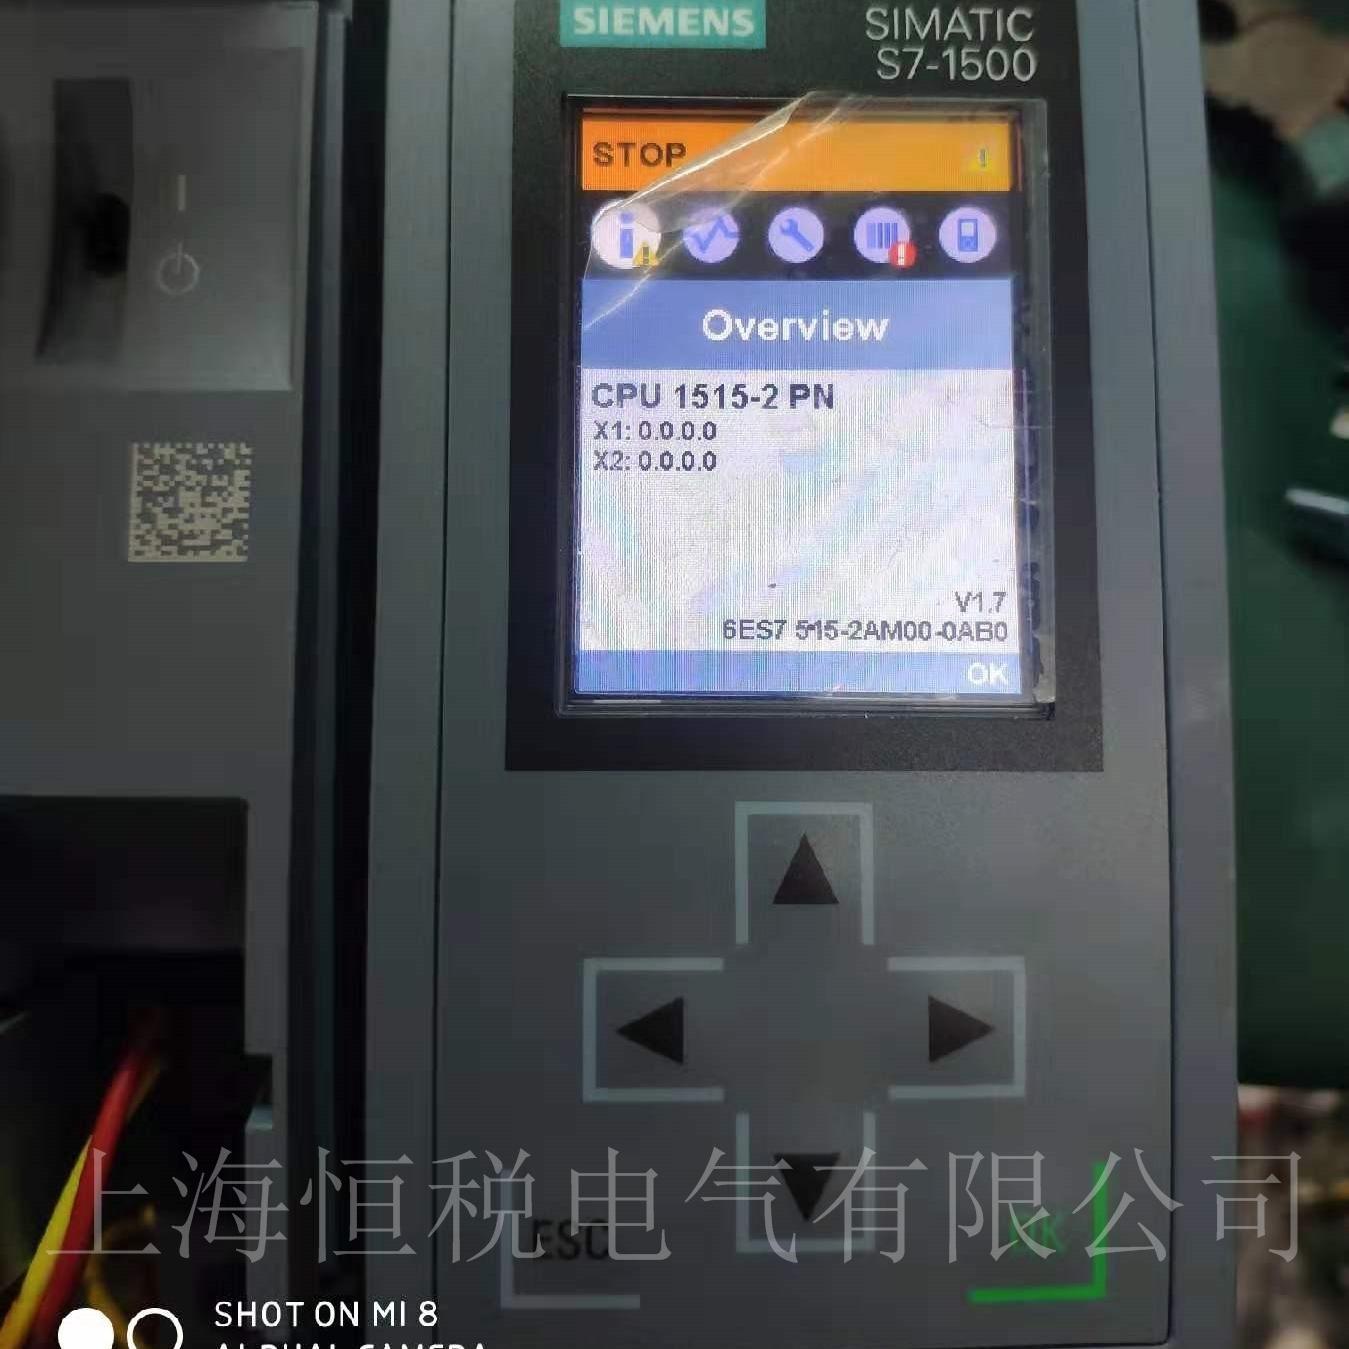 西门子CPU控制器1500启动指示灯不亮维修